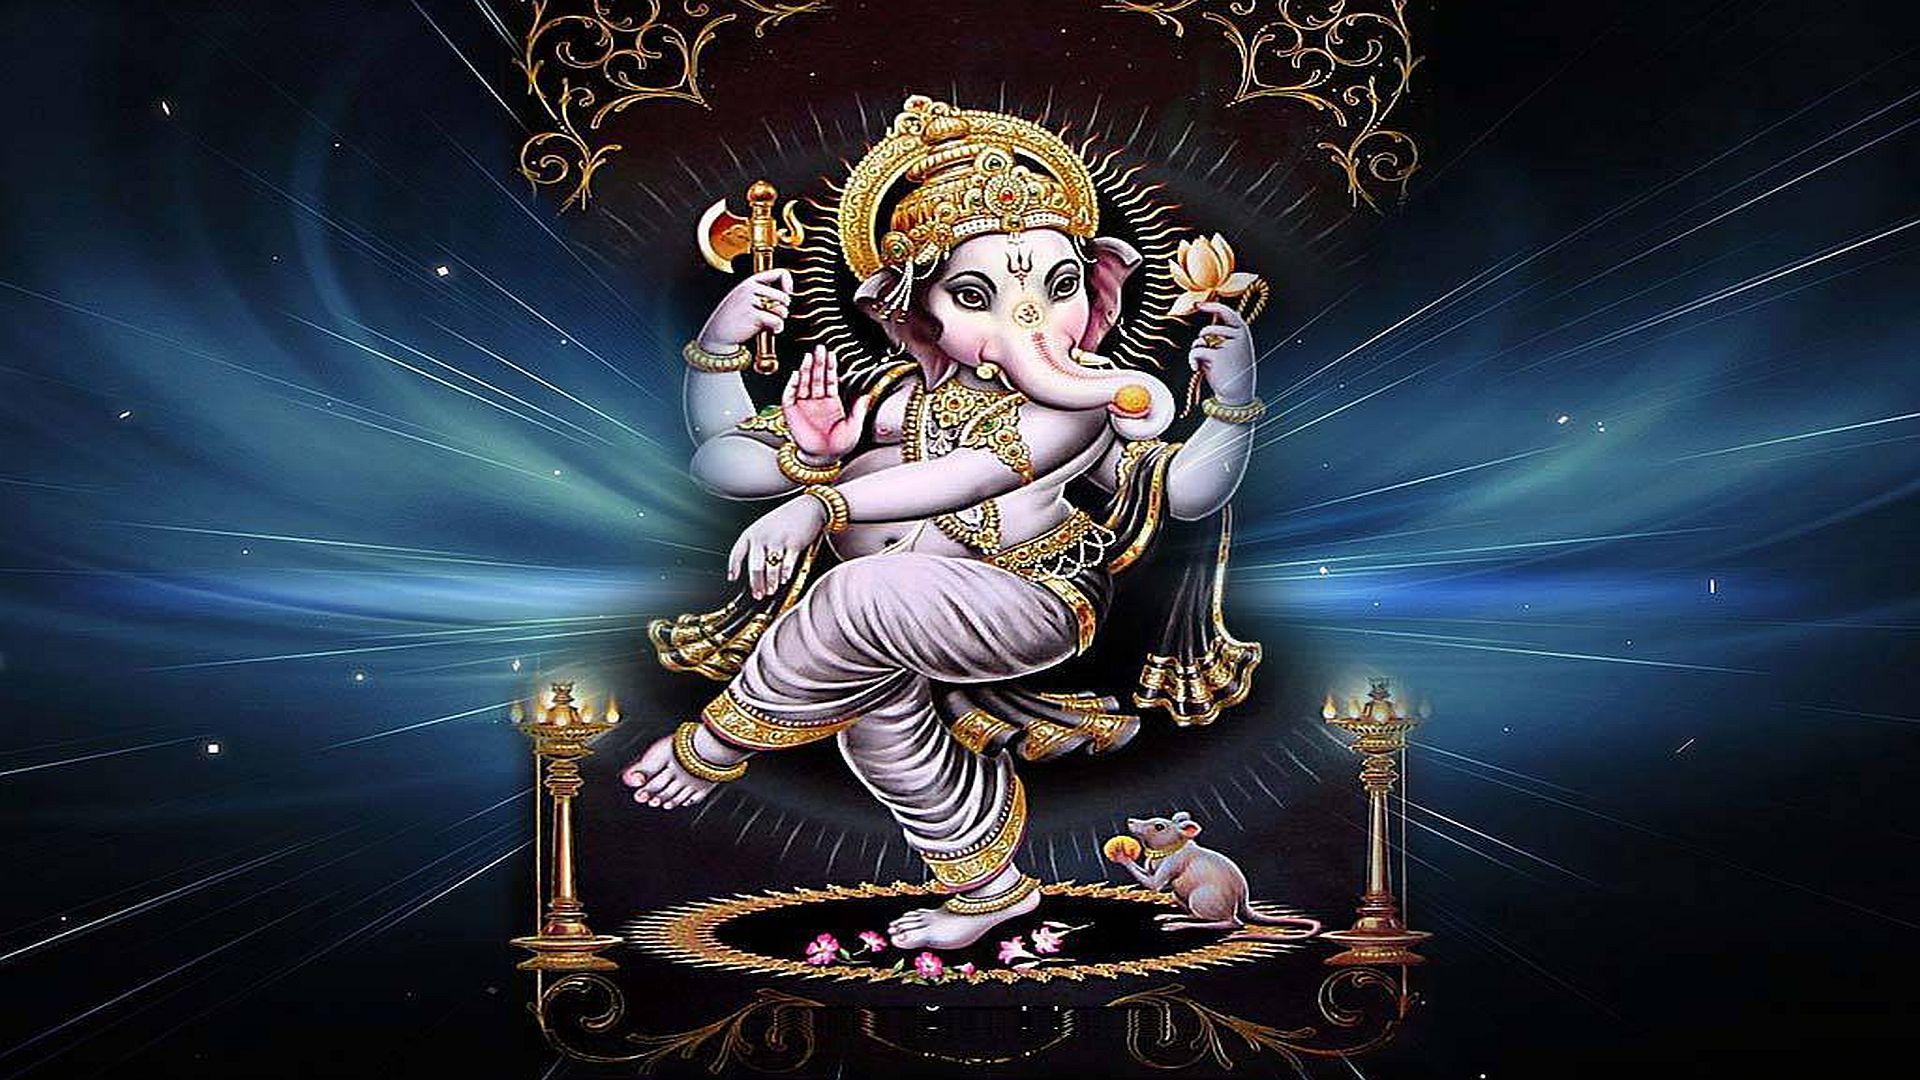 God Ganesh Hd Wallpapers 1080p Ganesha Wallpaper Free Hd Download